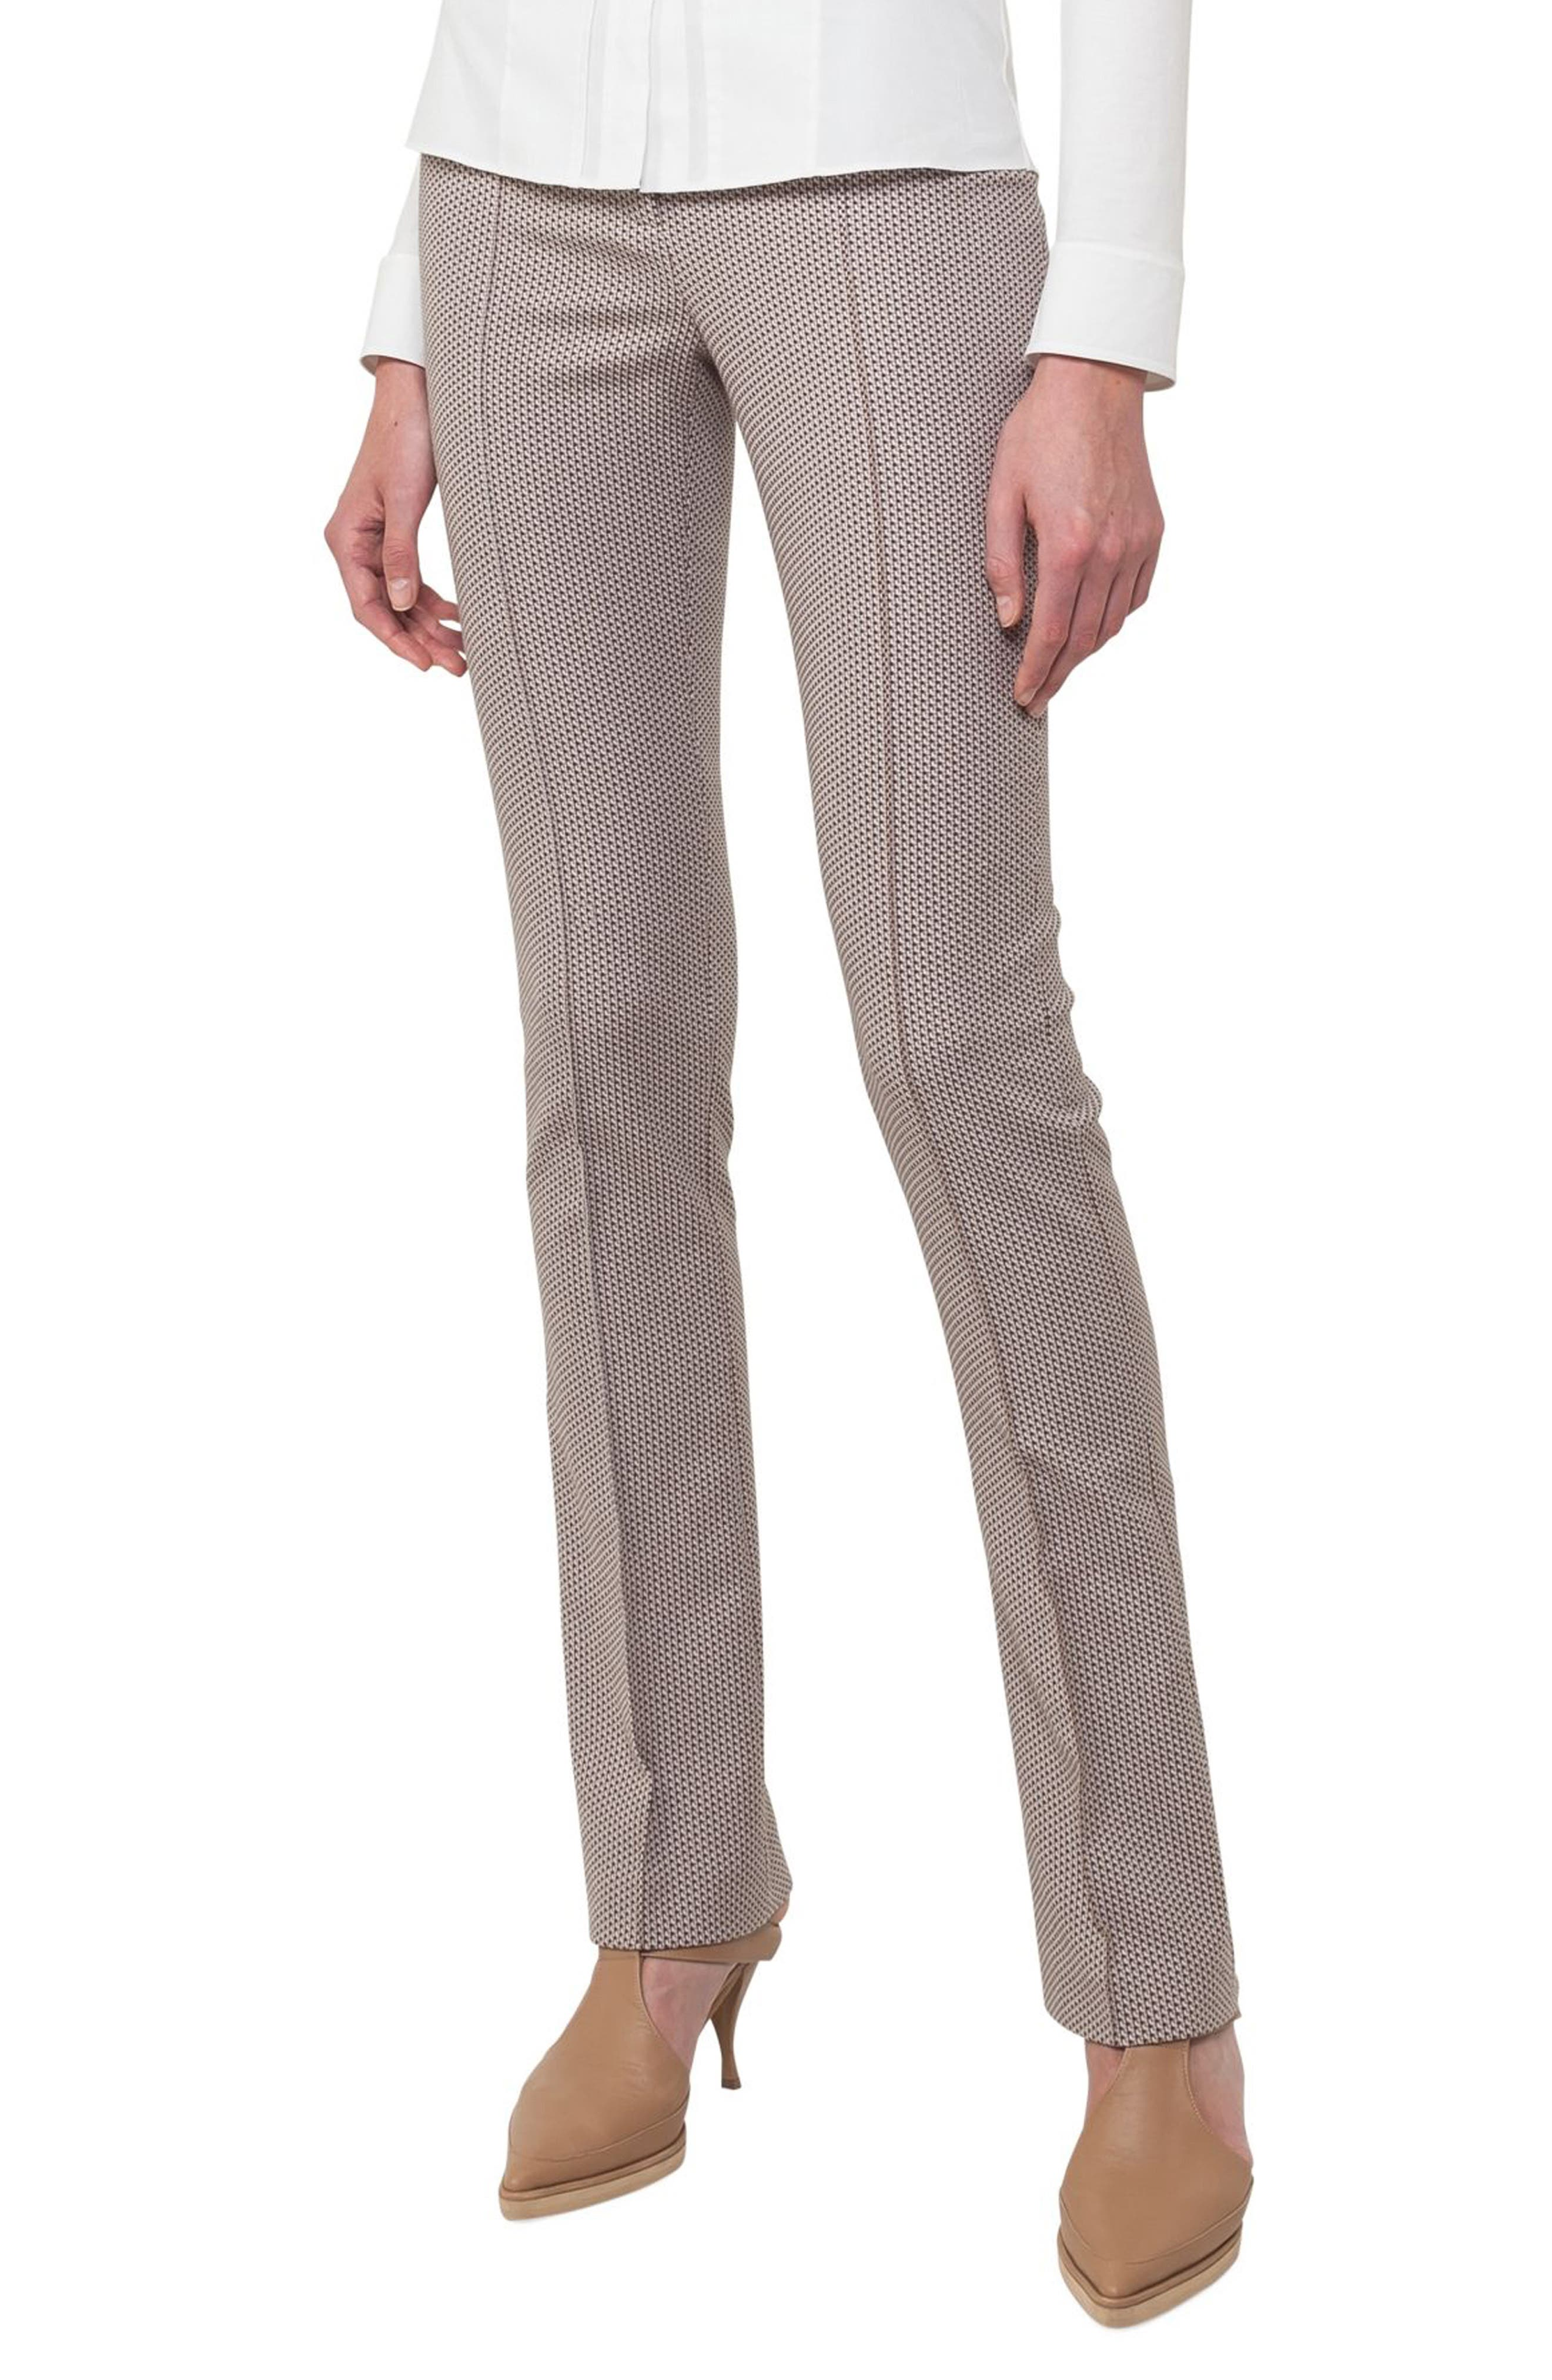 Claire Stretch Cotton Pants,                             Alternate thumbnail 3, color,                             250